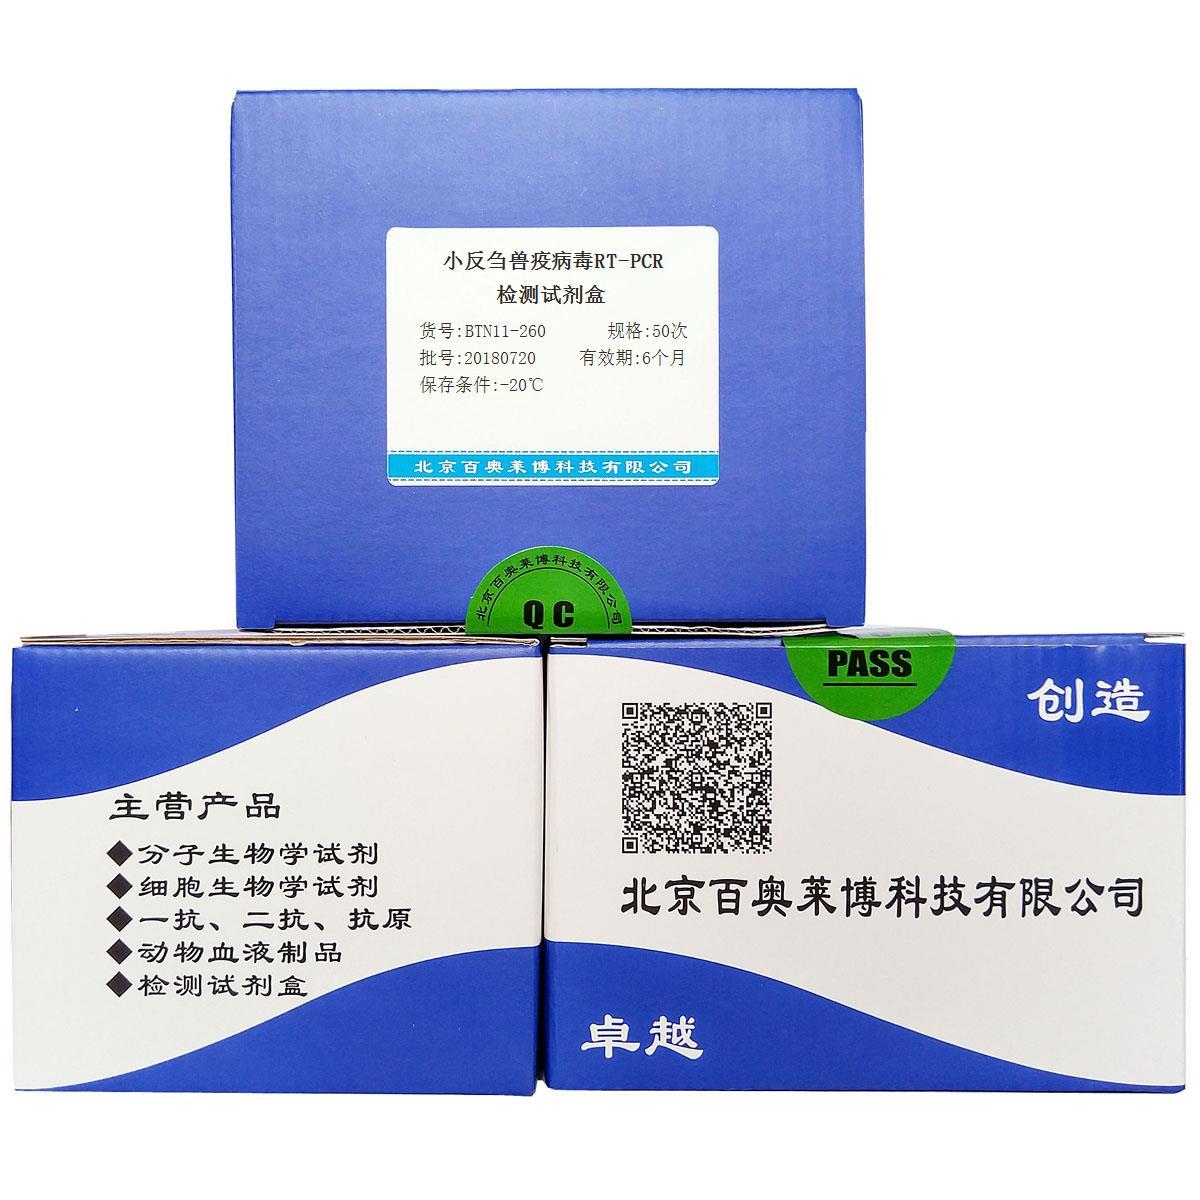 小反刍兽疫病毒RT-PCR检测试剂盒